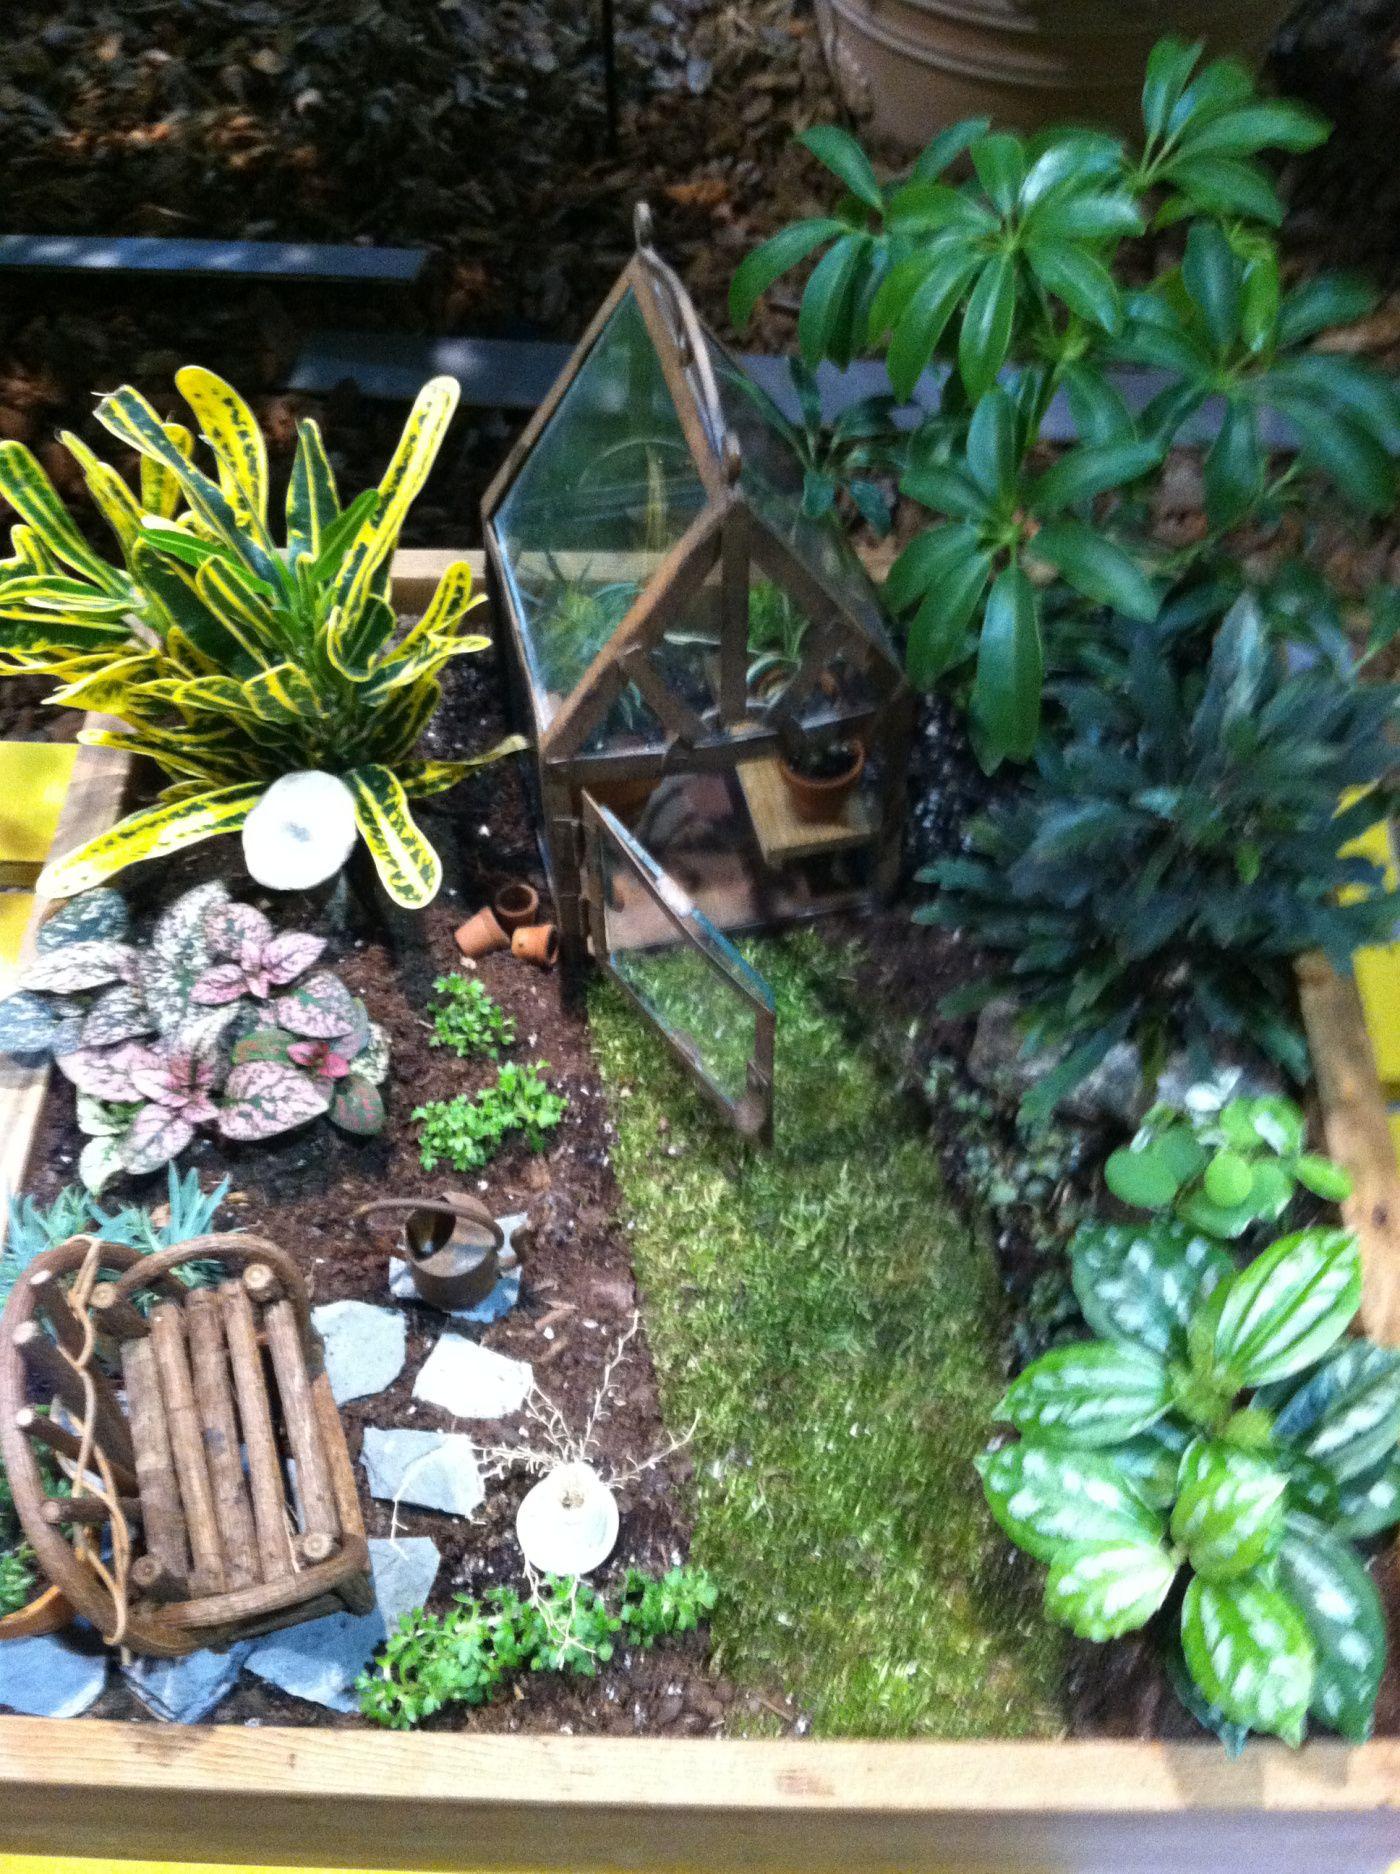 Mini garden! Sooooo cute!!!